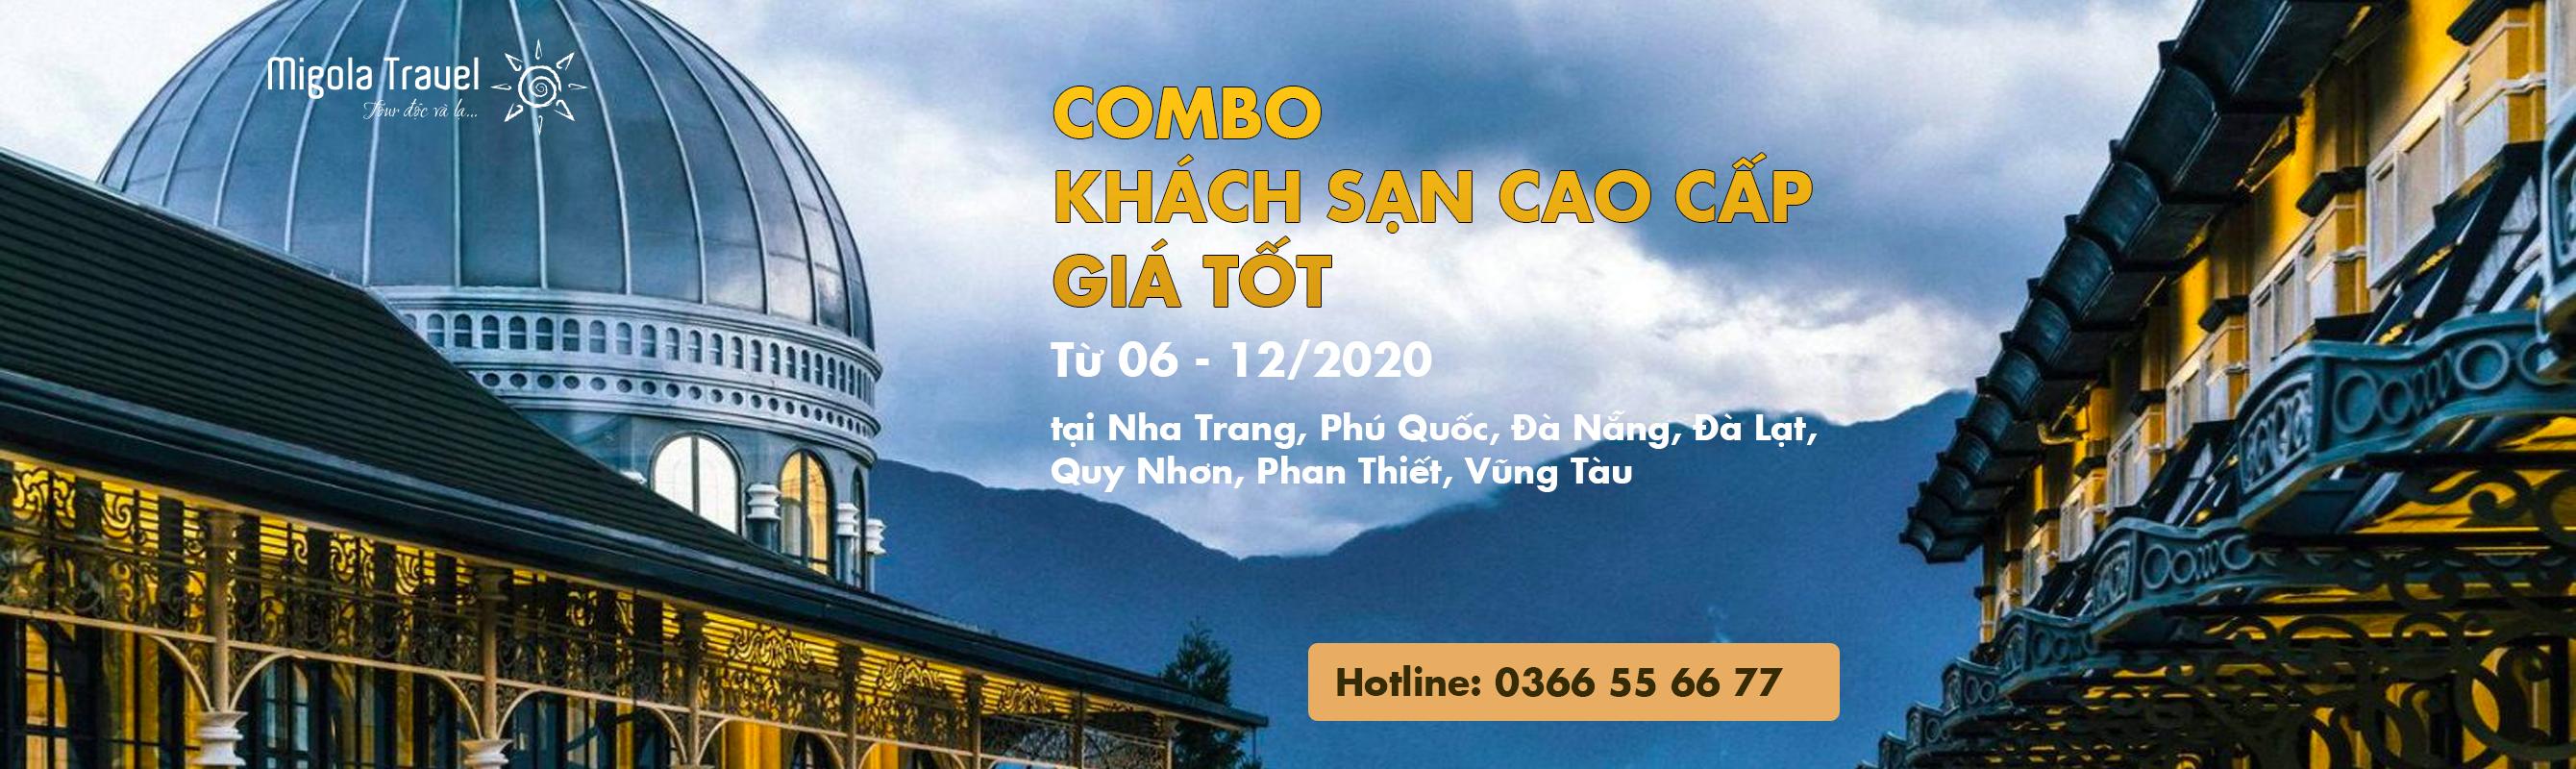 COMBO khach san